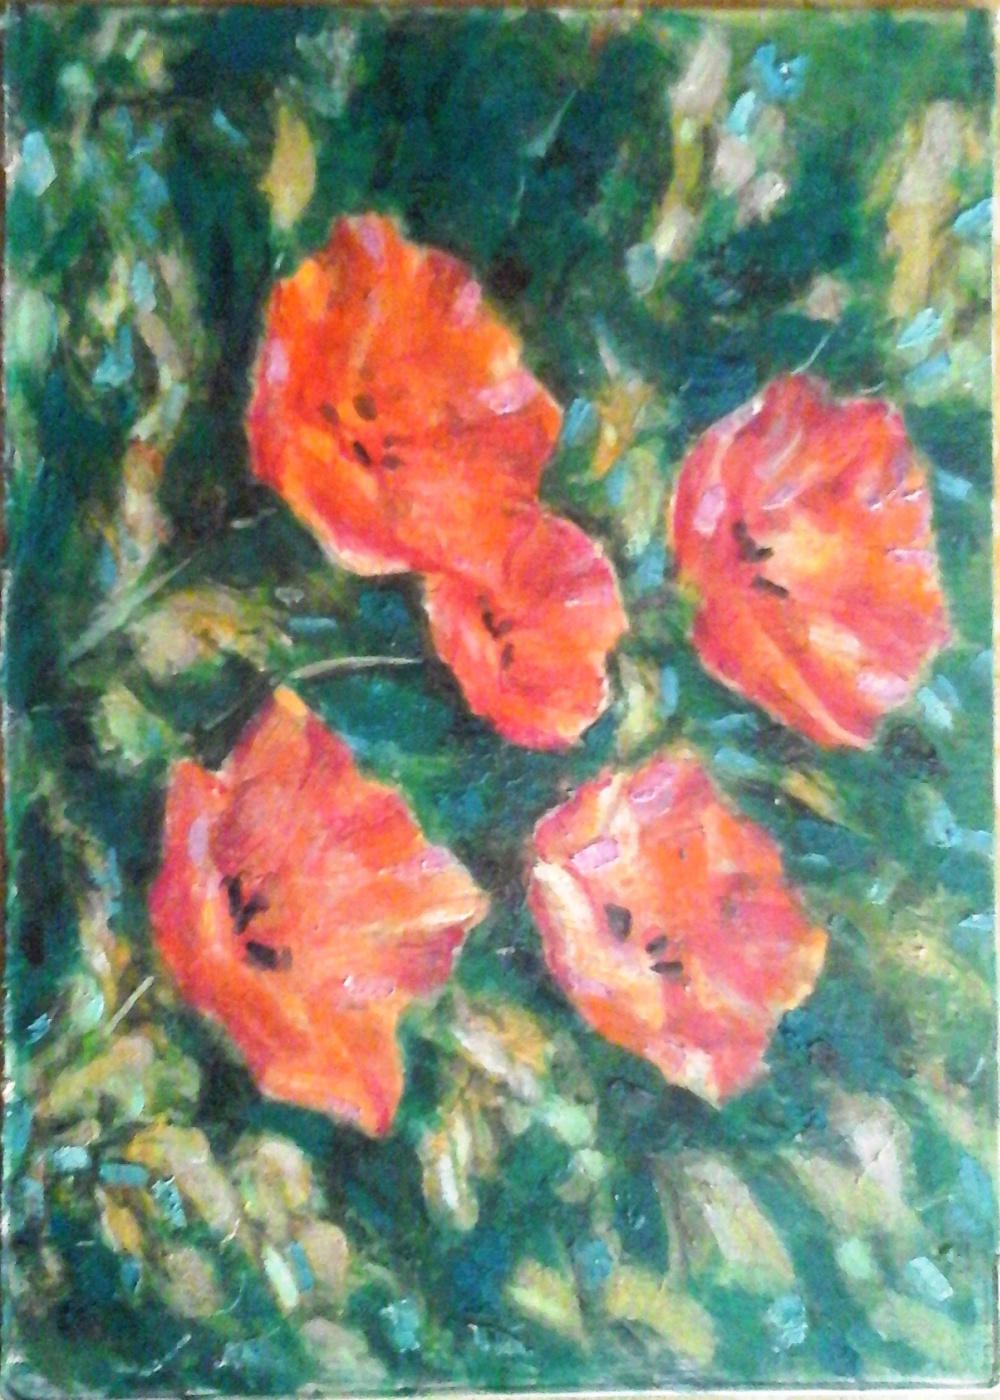 Shechkin. Poppies